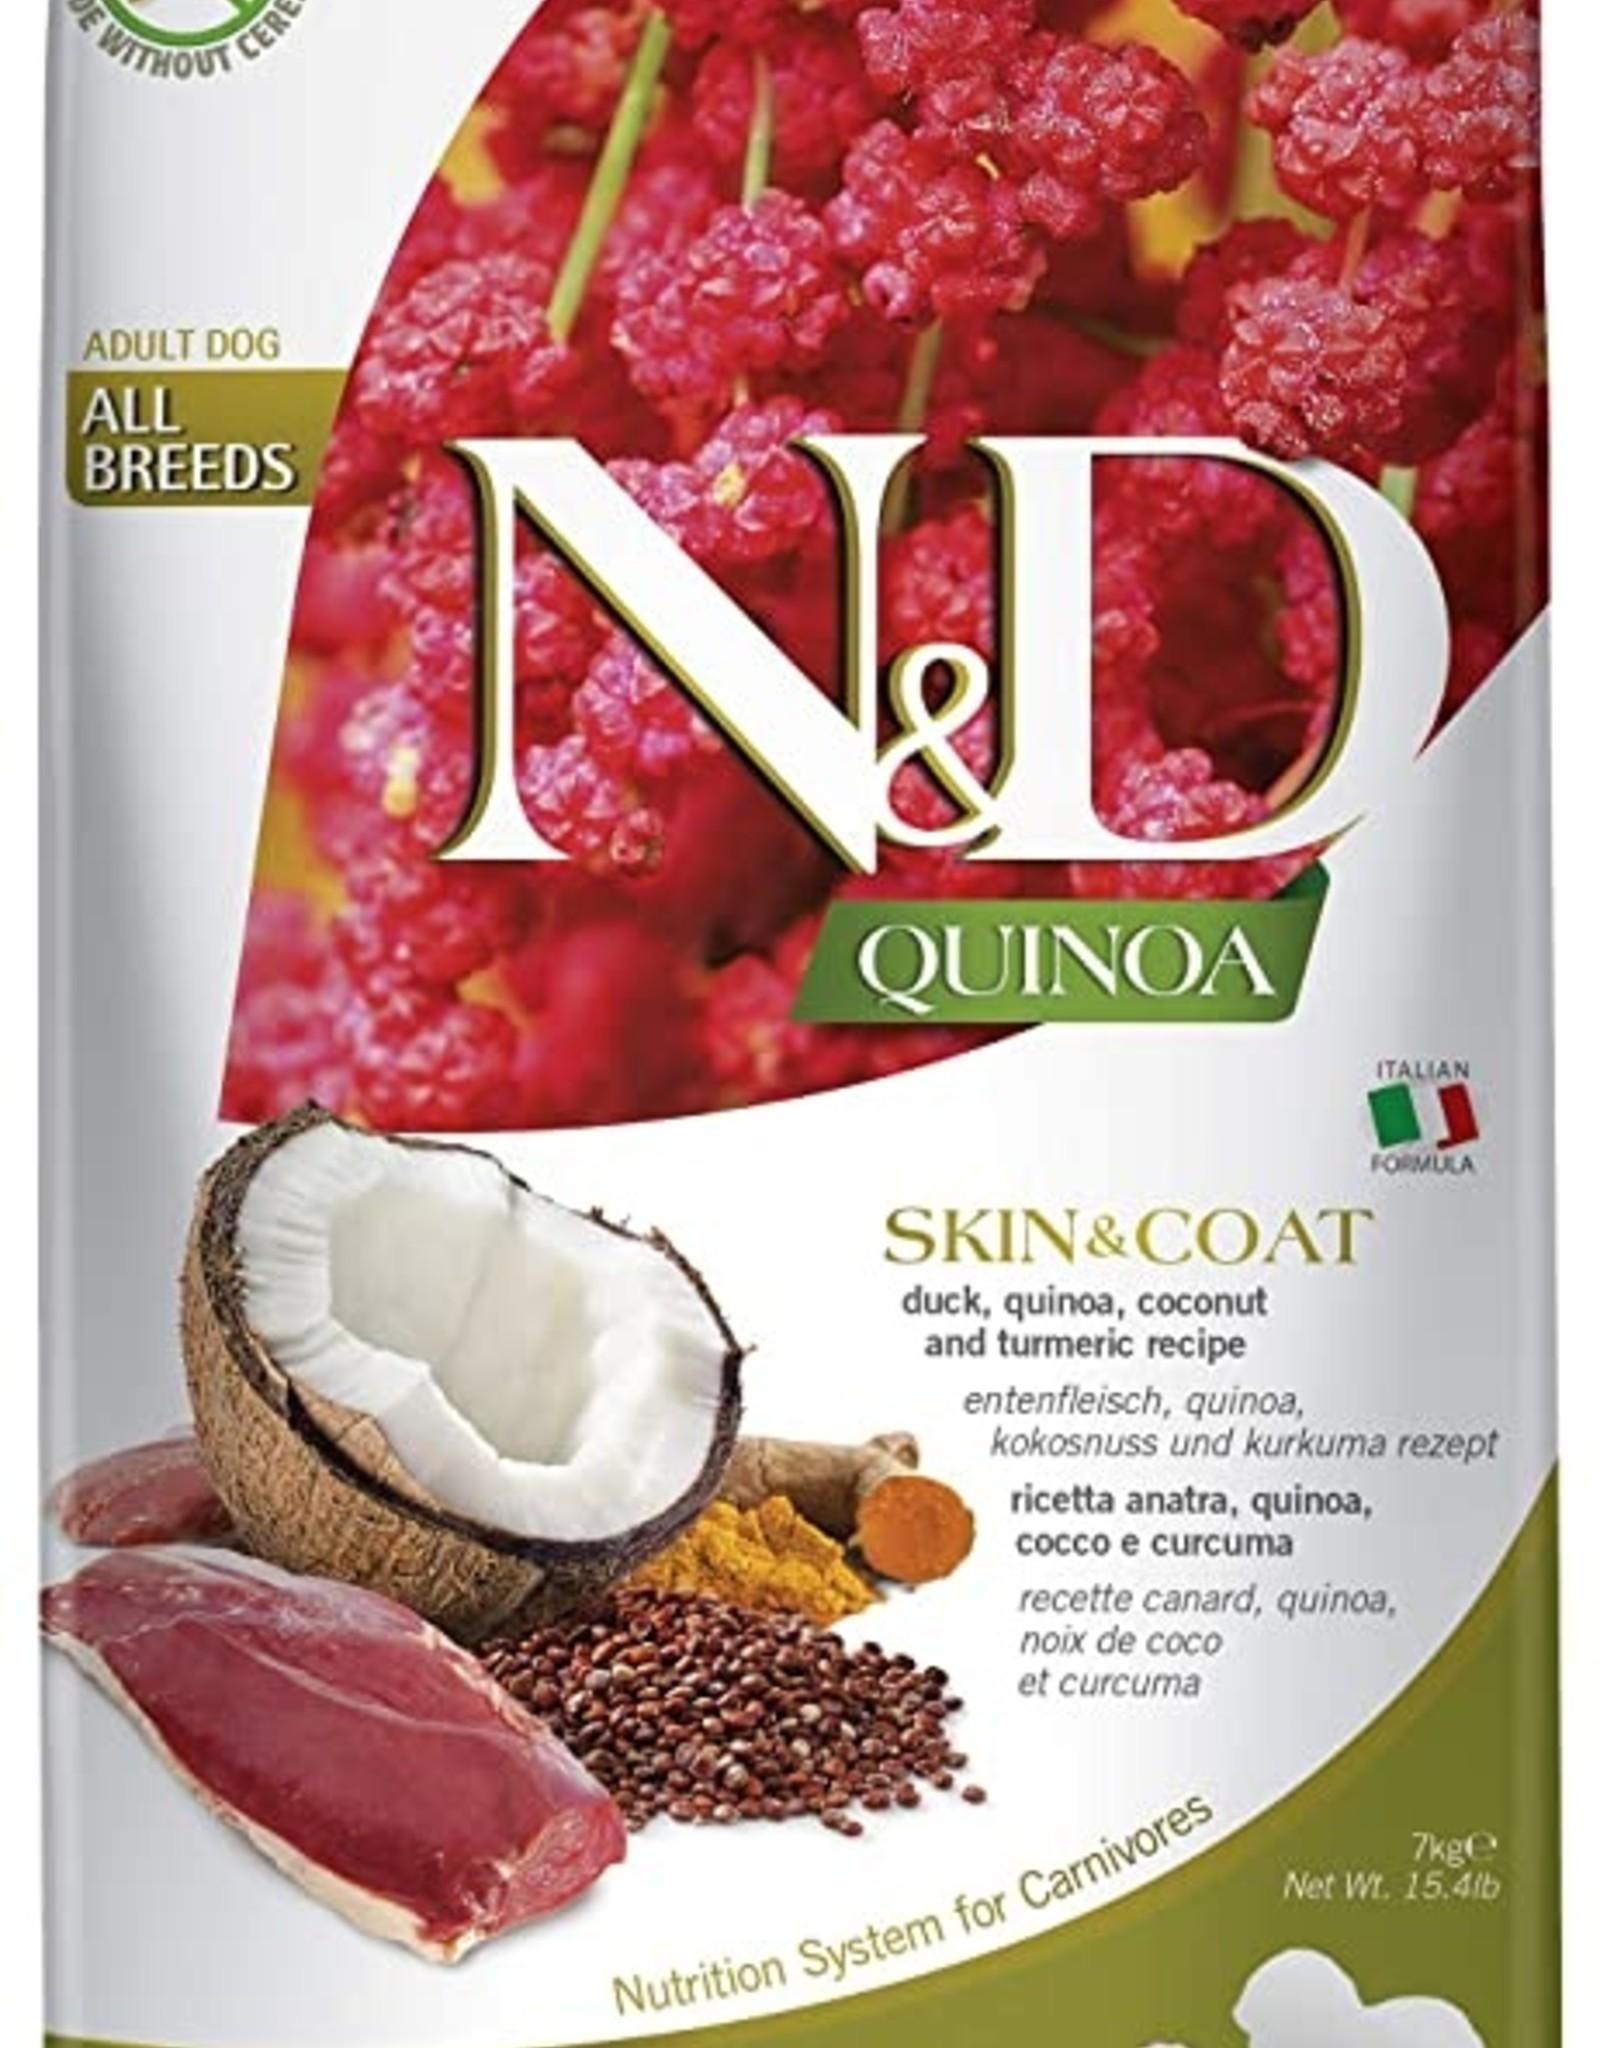 Farmina Quinoa -Skin&Coat Venison 15.4LB